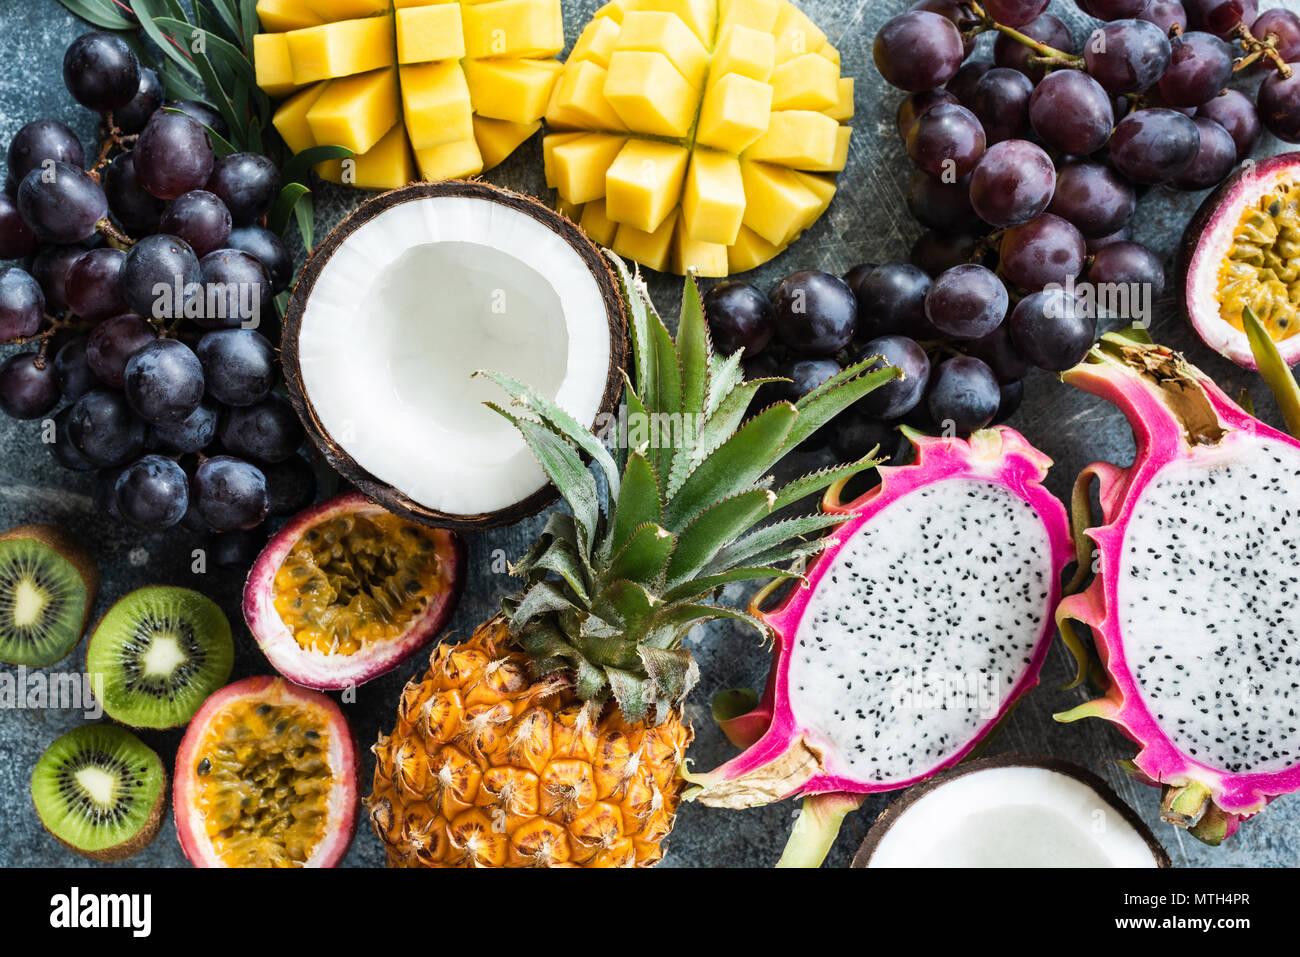 Surtido de frutas tropicales exóticas. La maracuyá, dragonfruit, mango, piña, kiwi, uvas y coco. Fondo de alimentos frescos. Comer sano, ve Foto de stock